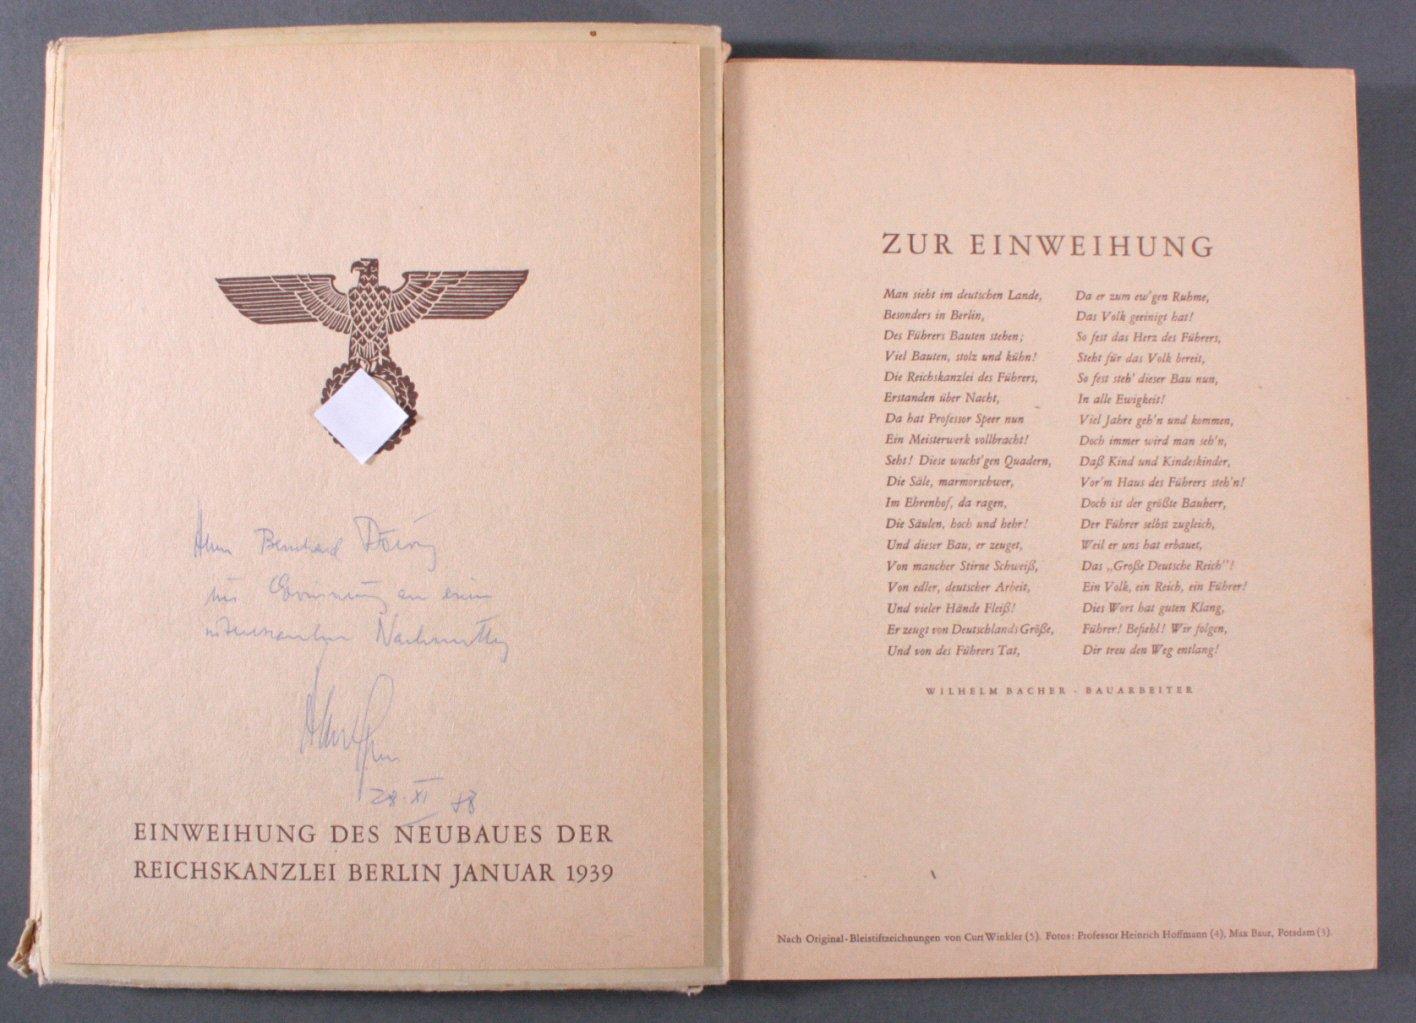 Einweihung des Neubaues der Reichskanzlei Berlin 1939-1